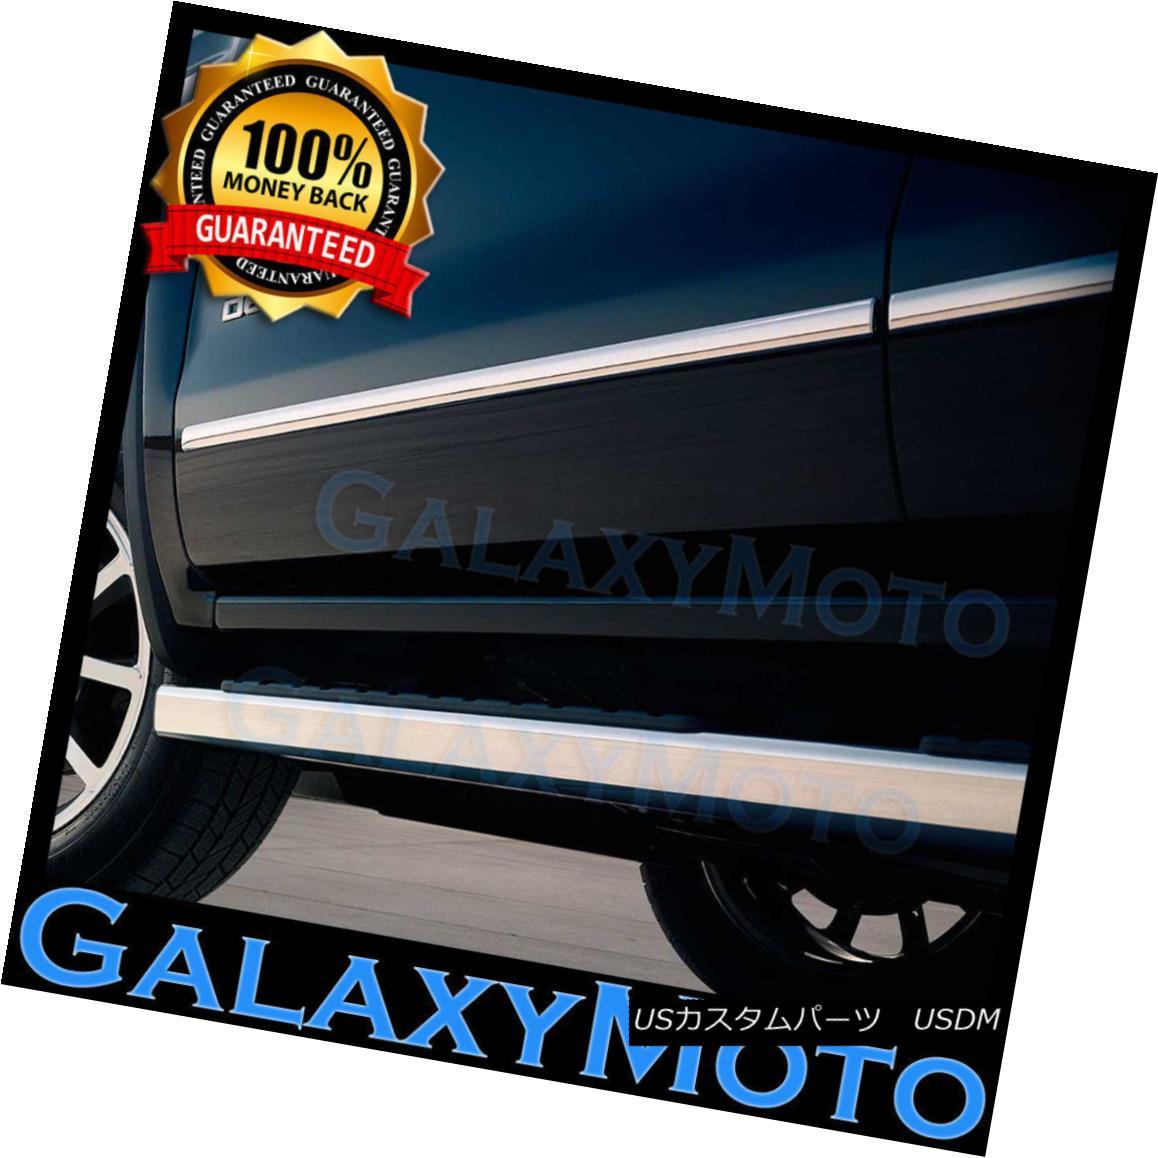 グリル 00-06 GMC Yukon XL SUV 4 Door Chrome Body Side Molding Front+Rear 4pcs Set Kit 00-06 GMCユーコンXL SUV 4ドアクロームボディサイドモールディングフロント+リア4本セットキット